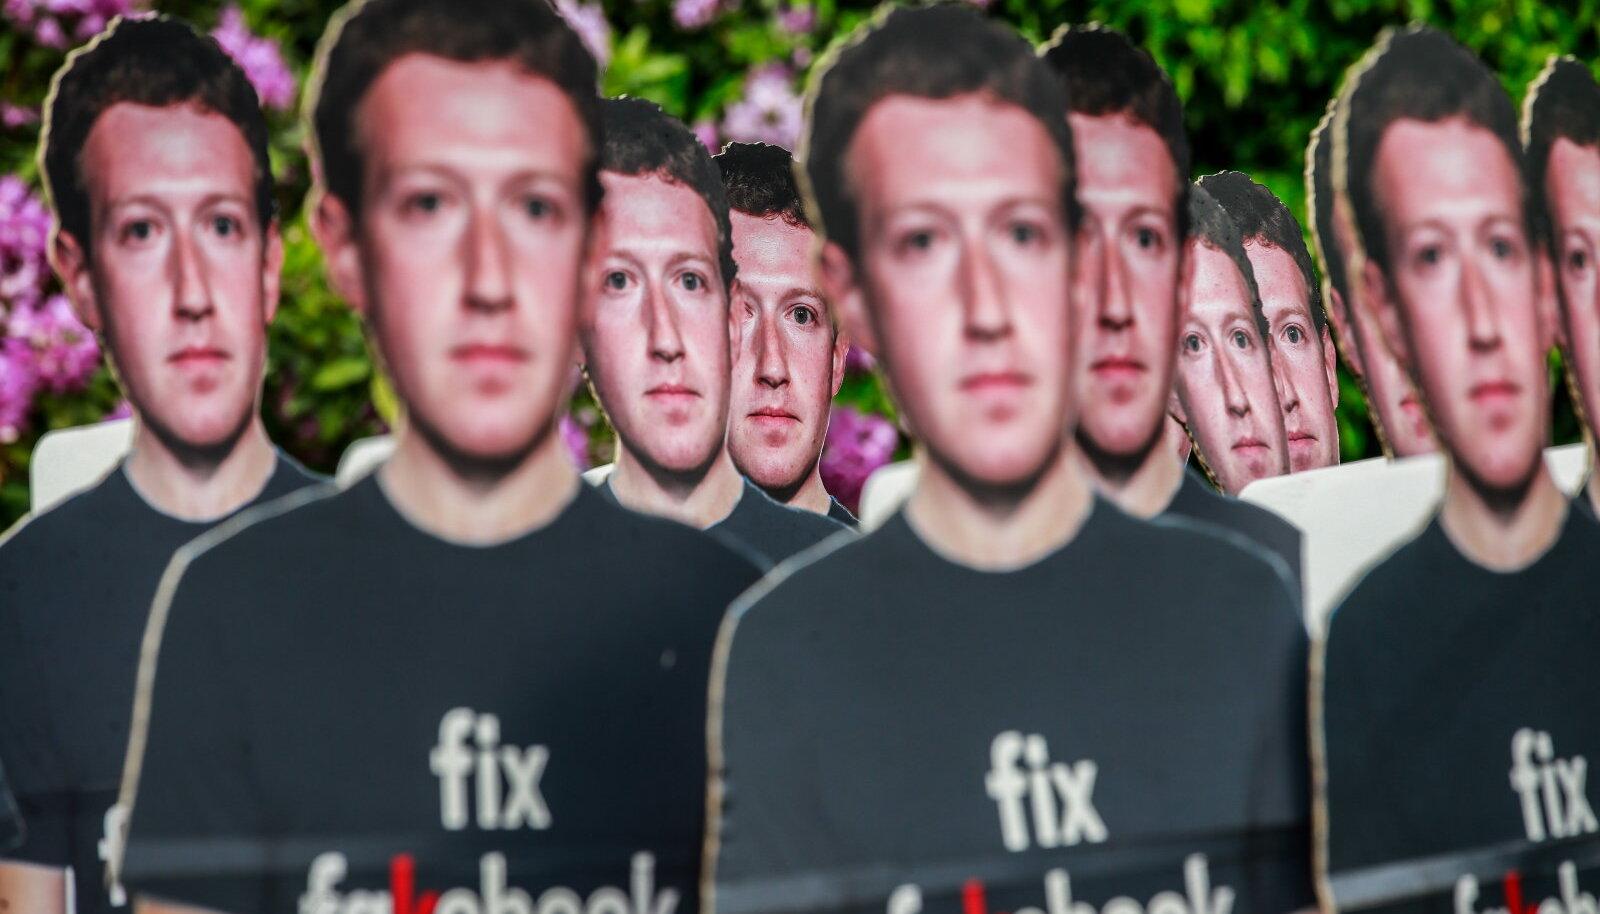 Hetk Facebooki valeuudistest puhastamist nõudvalt meeleavalduselt.